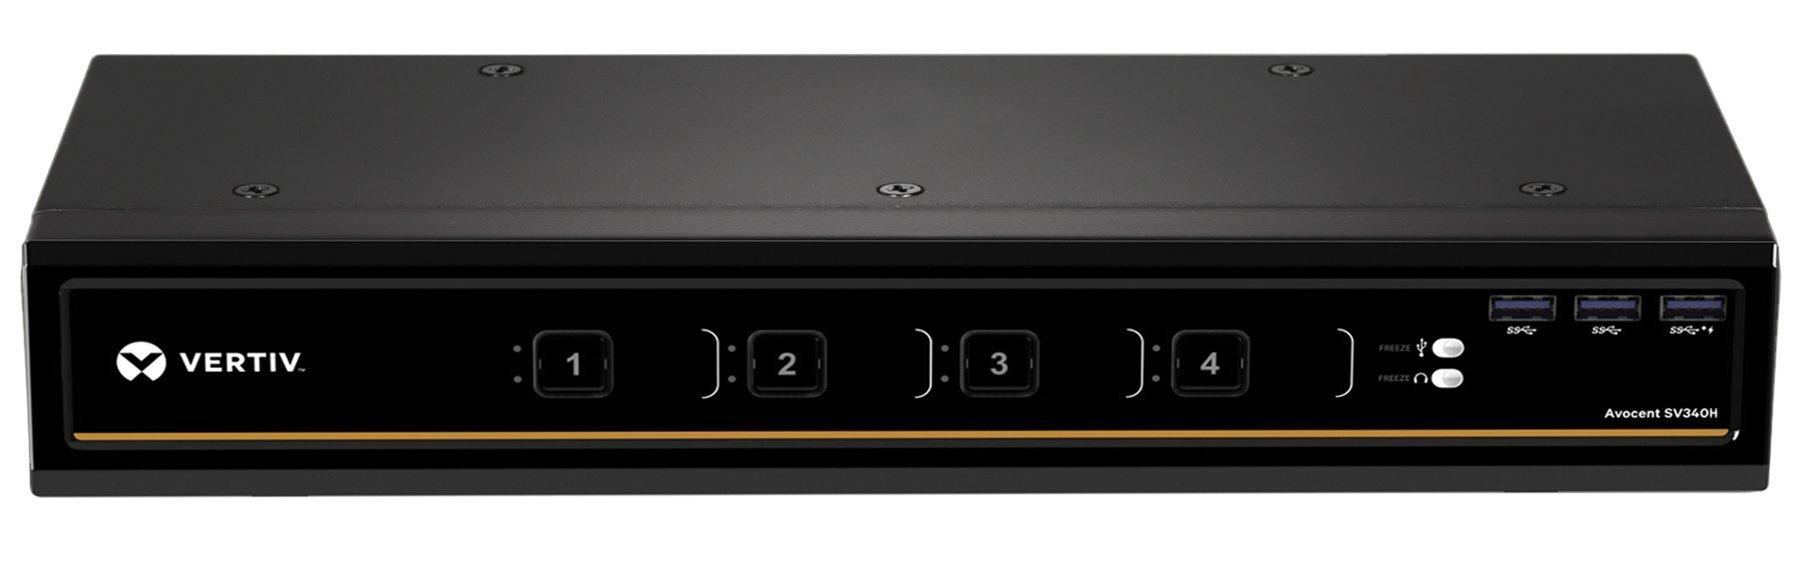 Avocent 4-Port Dual-Head HDMI 4K Ultra HD KVM Switch (SV340H)